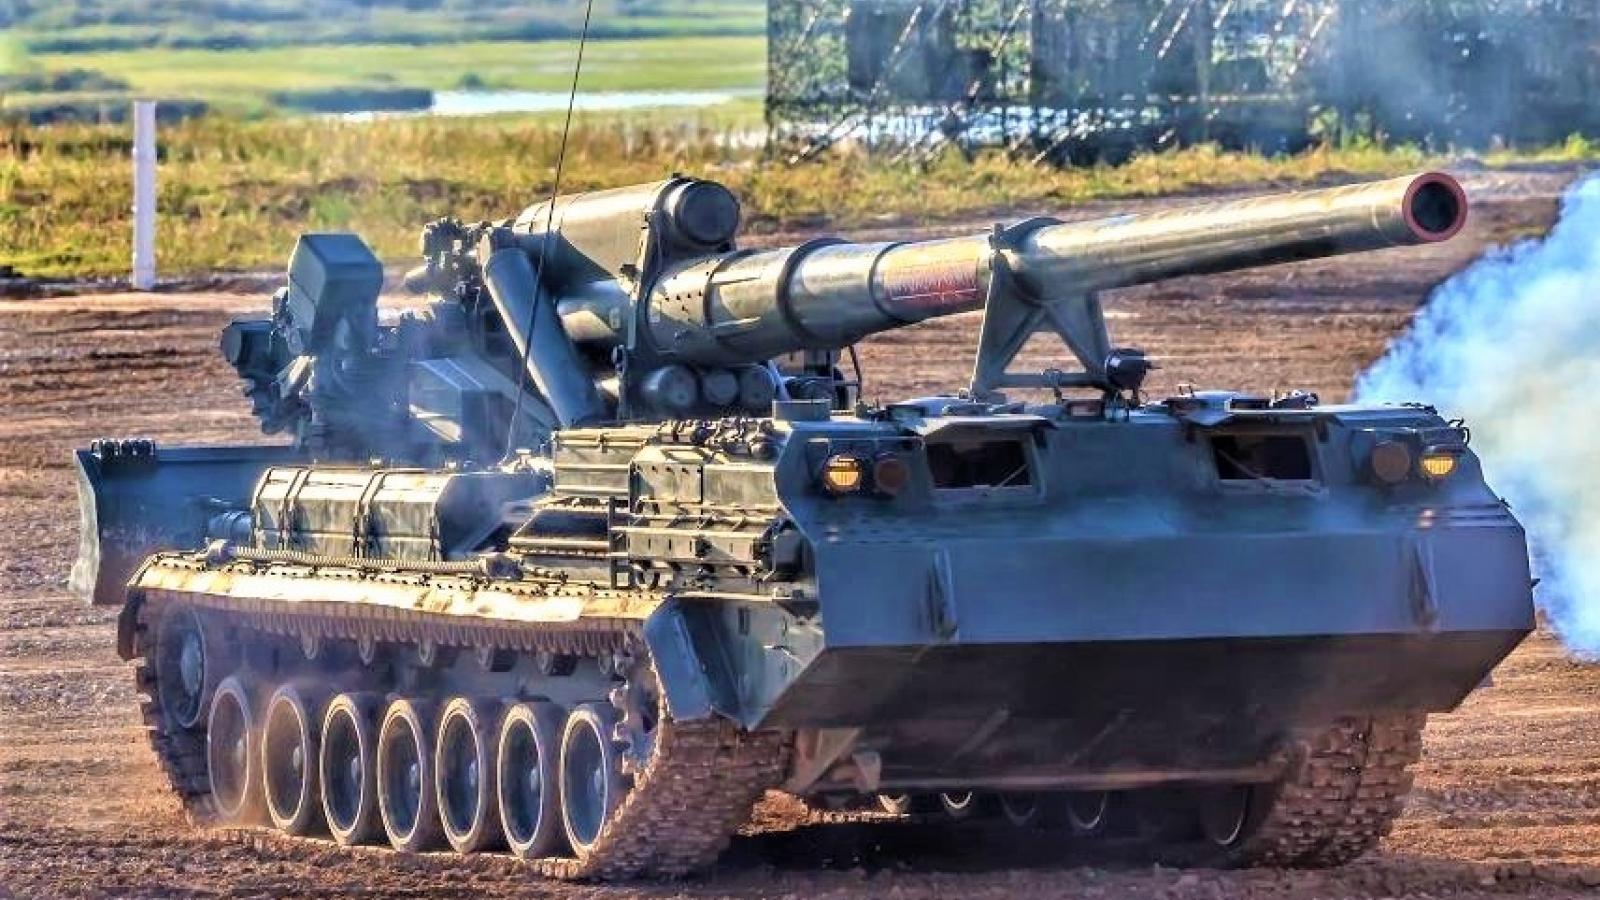 """Pháo tự hành chết chóc nhất thế giới """"Malka"""" sẽ được trang bị đạn thế hệ mới"""